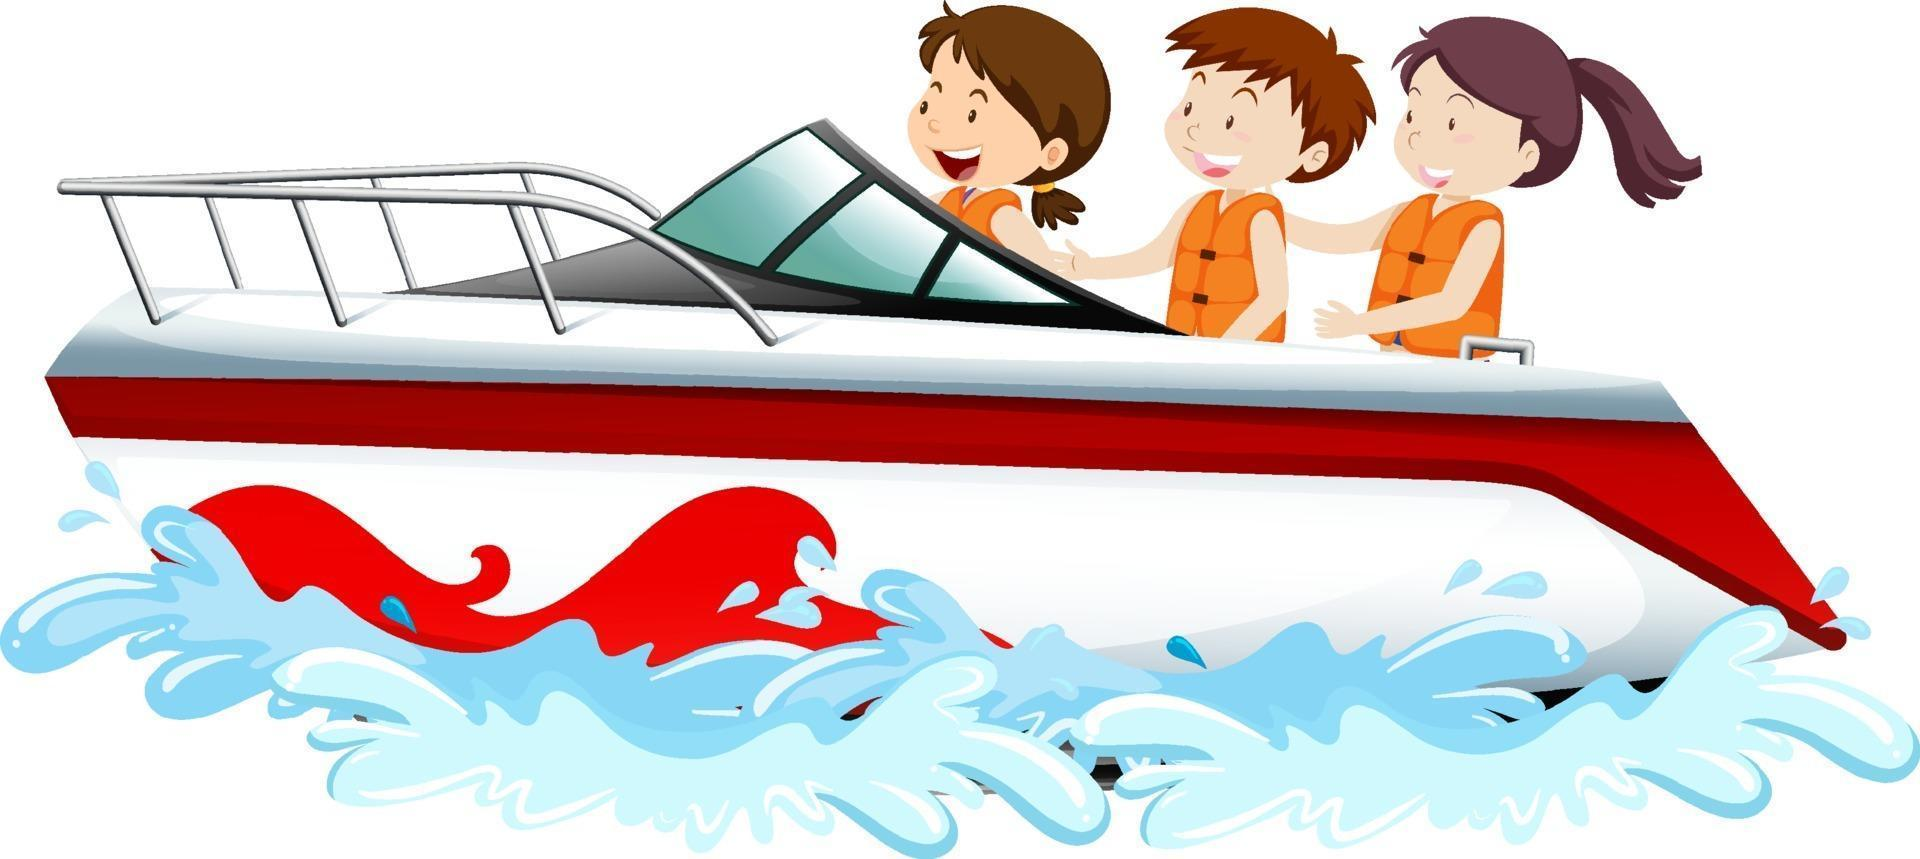 människor som står på en motorbåt isolerad på vit bakgrund vektor